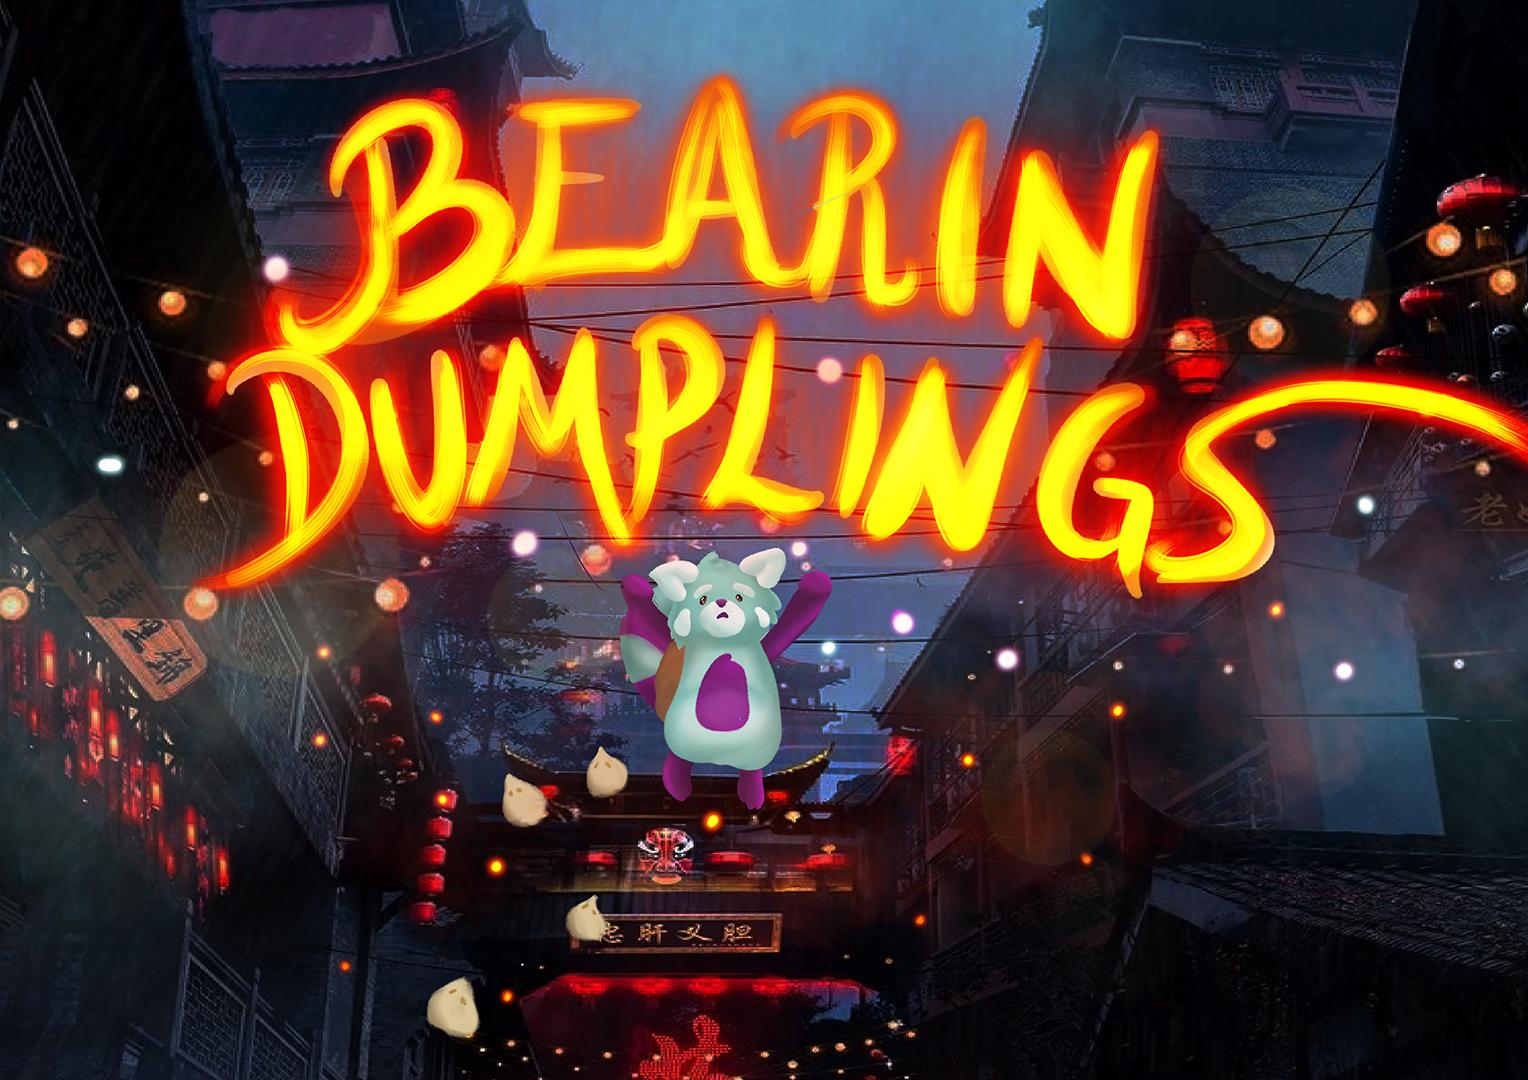 Bearin Dumplings